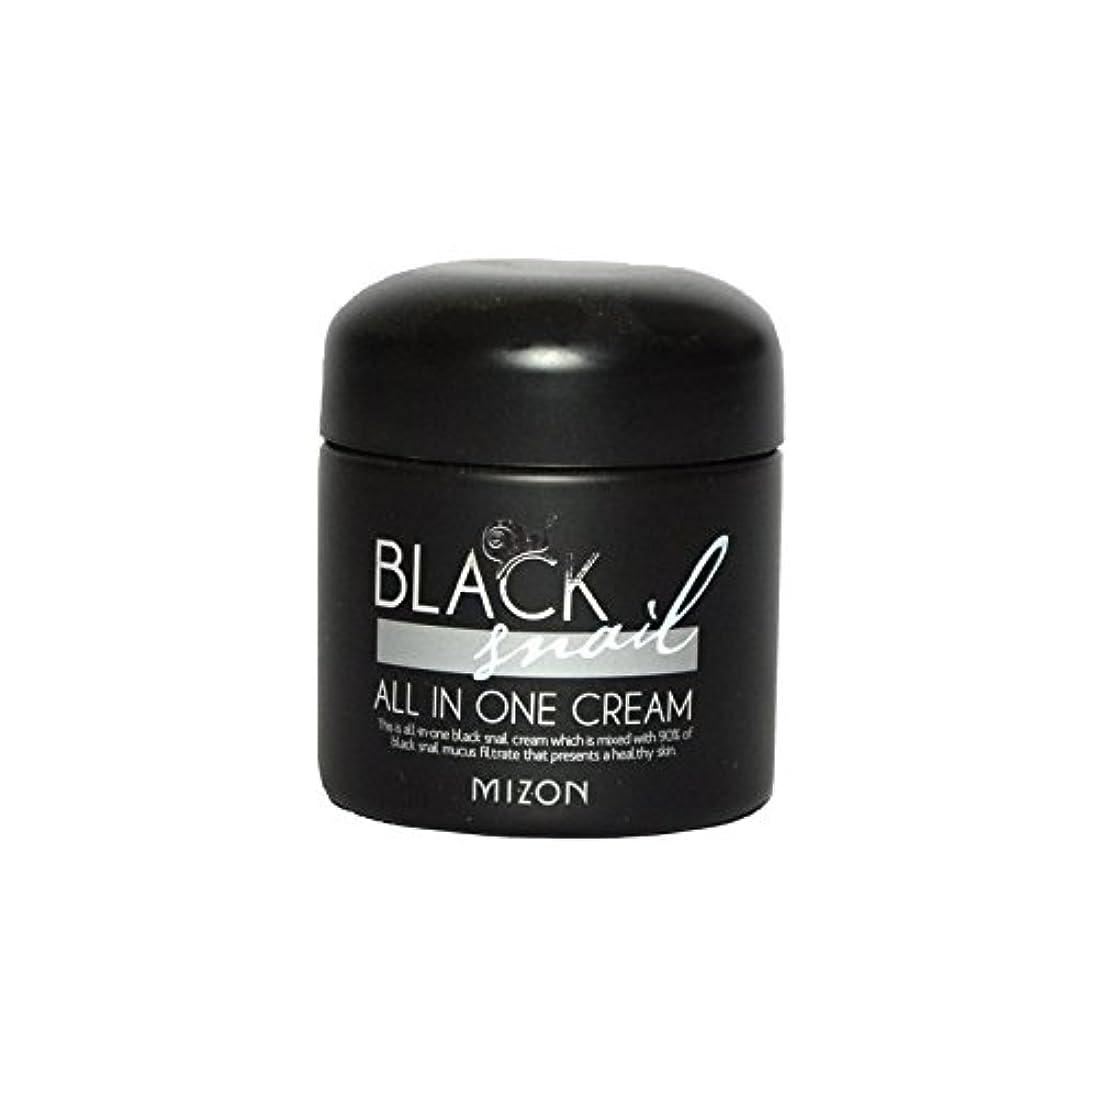 慈善土コミットメントMizon Black Snail All in One Cream - 黒カタツムリオールインワンクリーム [並行輸入品]